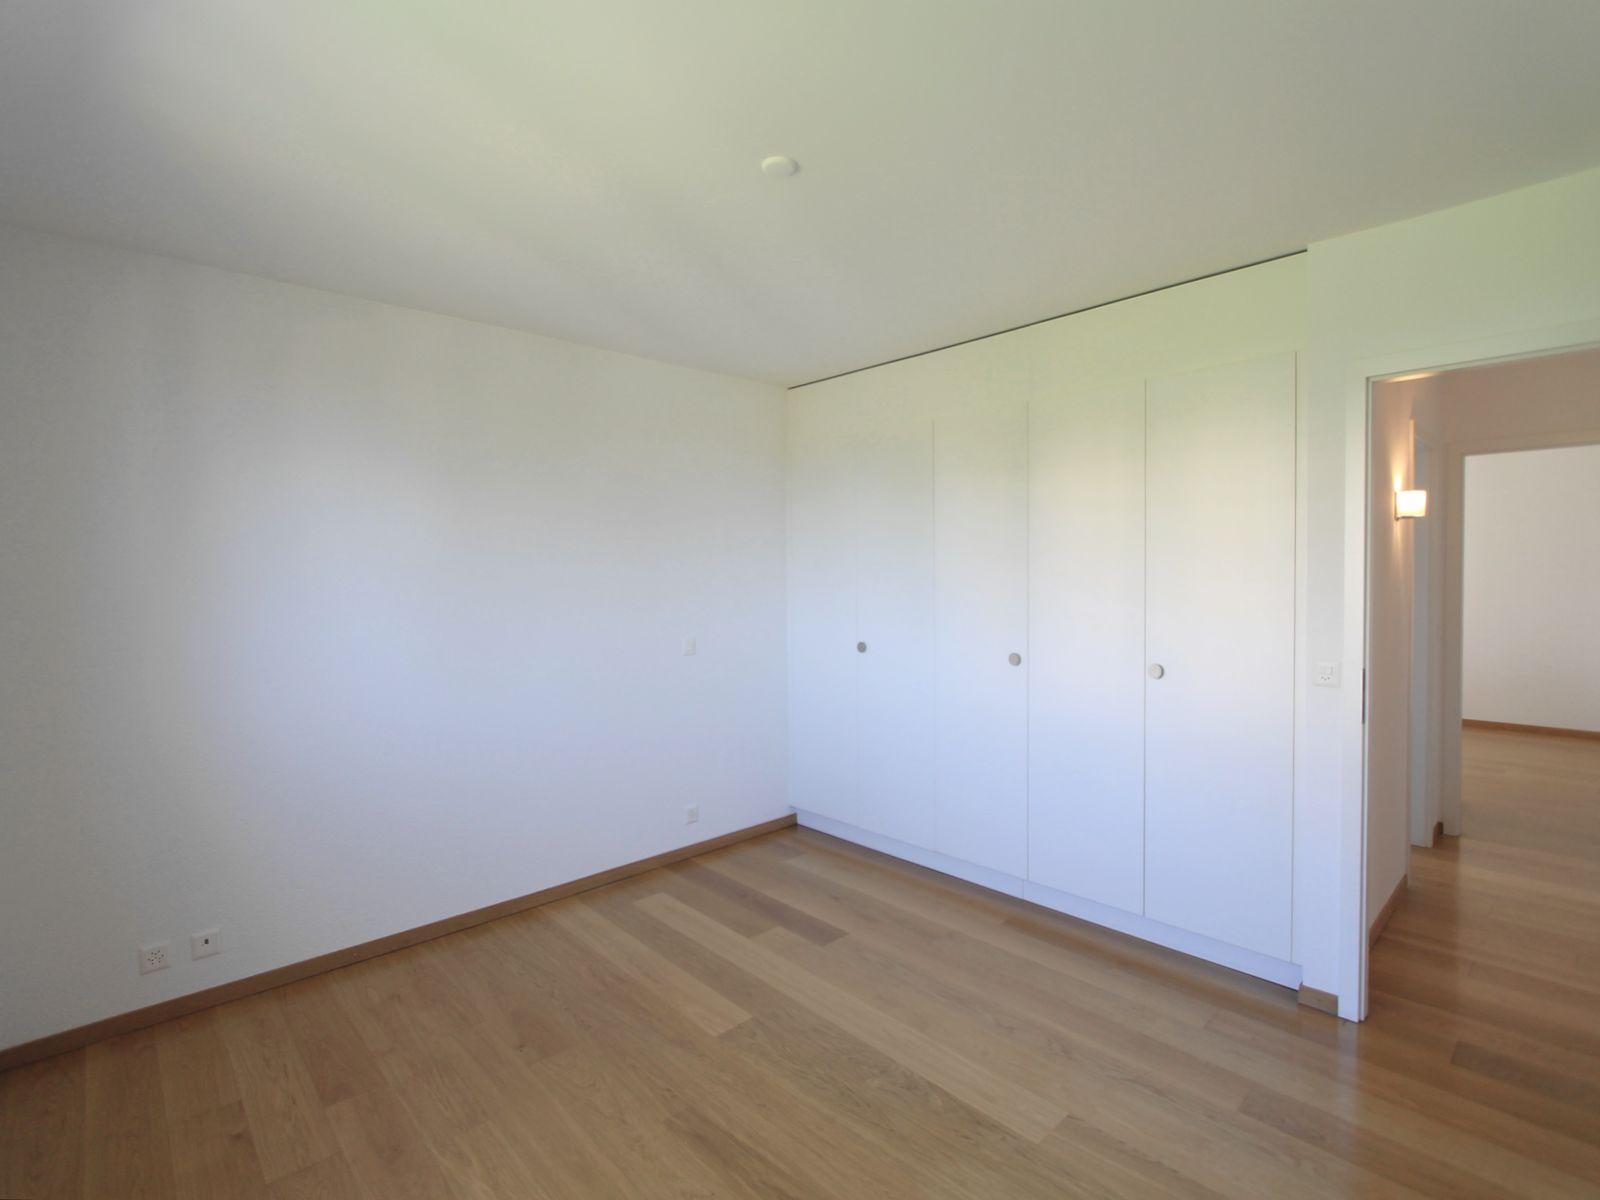 Chambre 2 avec armoires